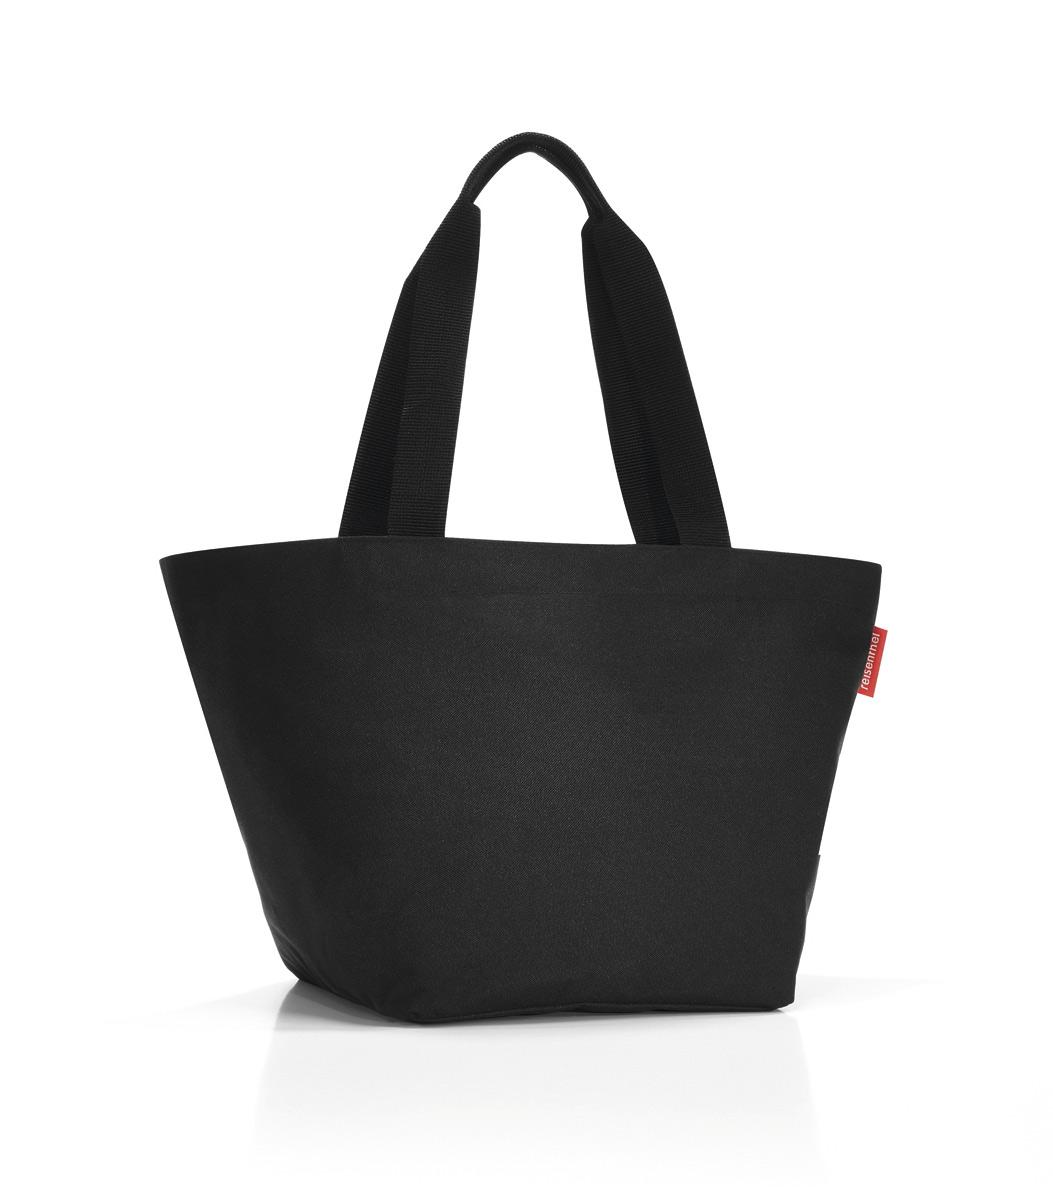 Сумка Reisenthel, цвет: черный. ZS7003ZS7003Отличная сумка для похода за продуктами: широкие удобные лямки распределяют нагрузку на плече, а объем 15 литров позволяет вместить всё самое нужное. Застегивается на молнию. Внутри - кармашек на молнии для мелочей. Специальное уплотненное днище для надежности.